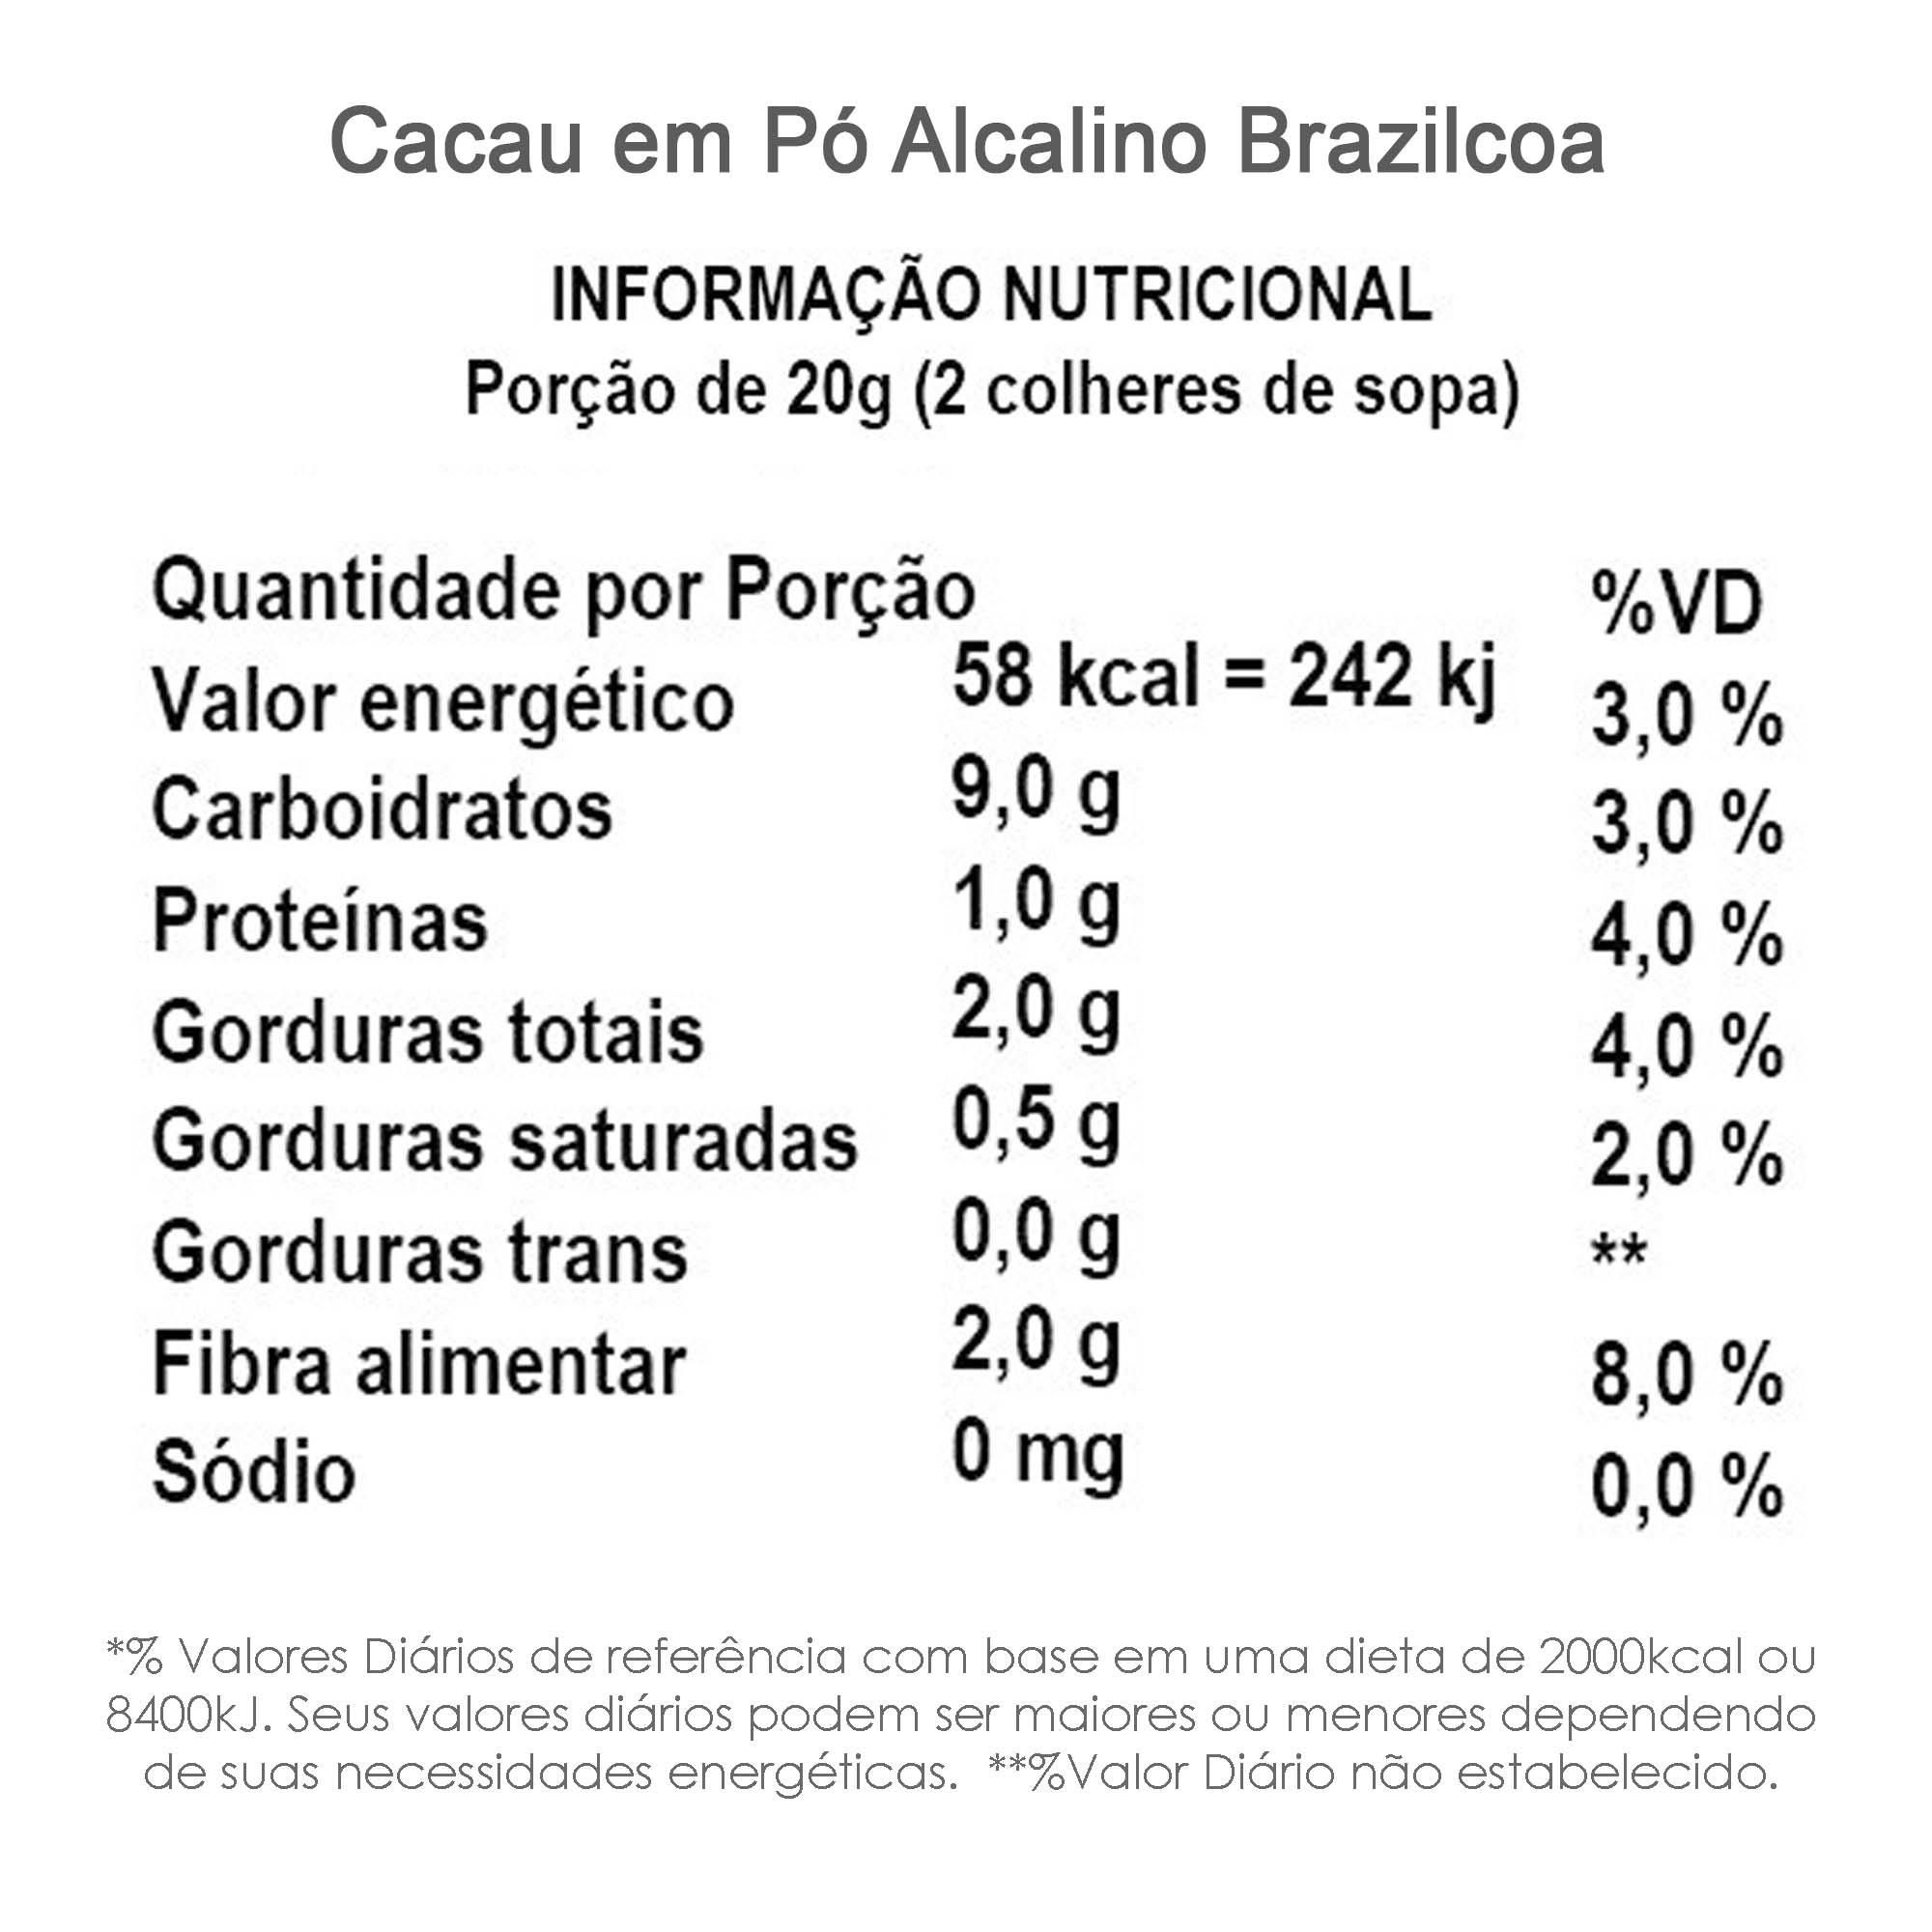 Cacau em Pó Alcalino (100% cacau, sem açúcar) BrazilCoa 500g  - TLC Tudo Low Carb